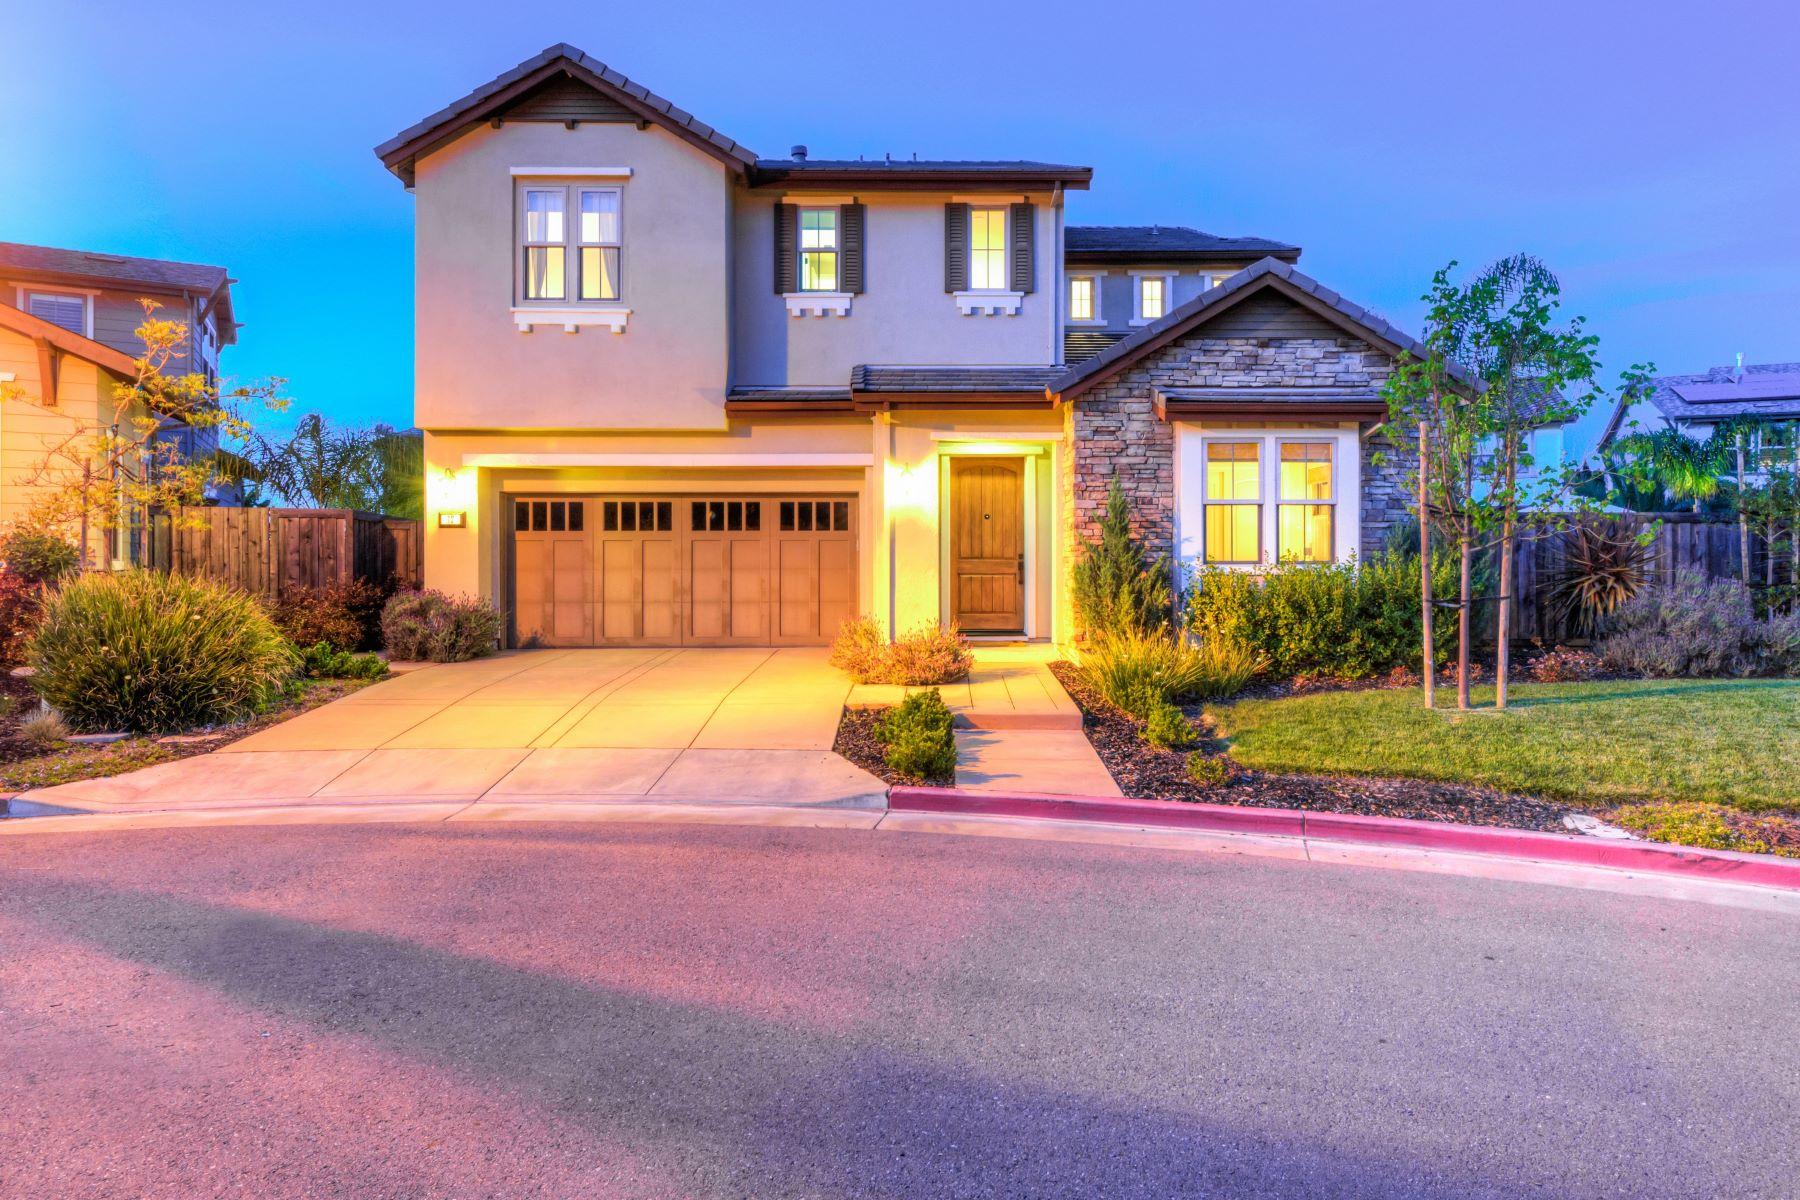 Einfamilienhaus für Verkauf beim Hamilton Stunner with Backyard Oasis 12 Avocet Court Novato, Kalifornien, 94949 Vereinigte Staaten